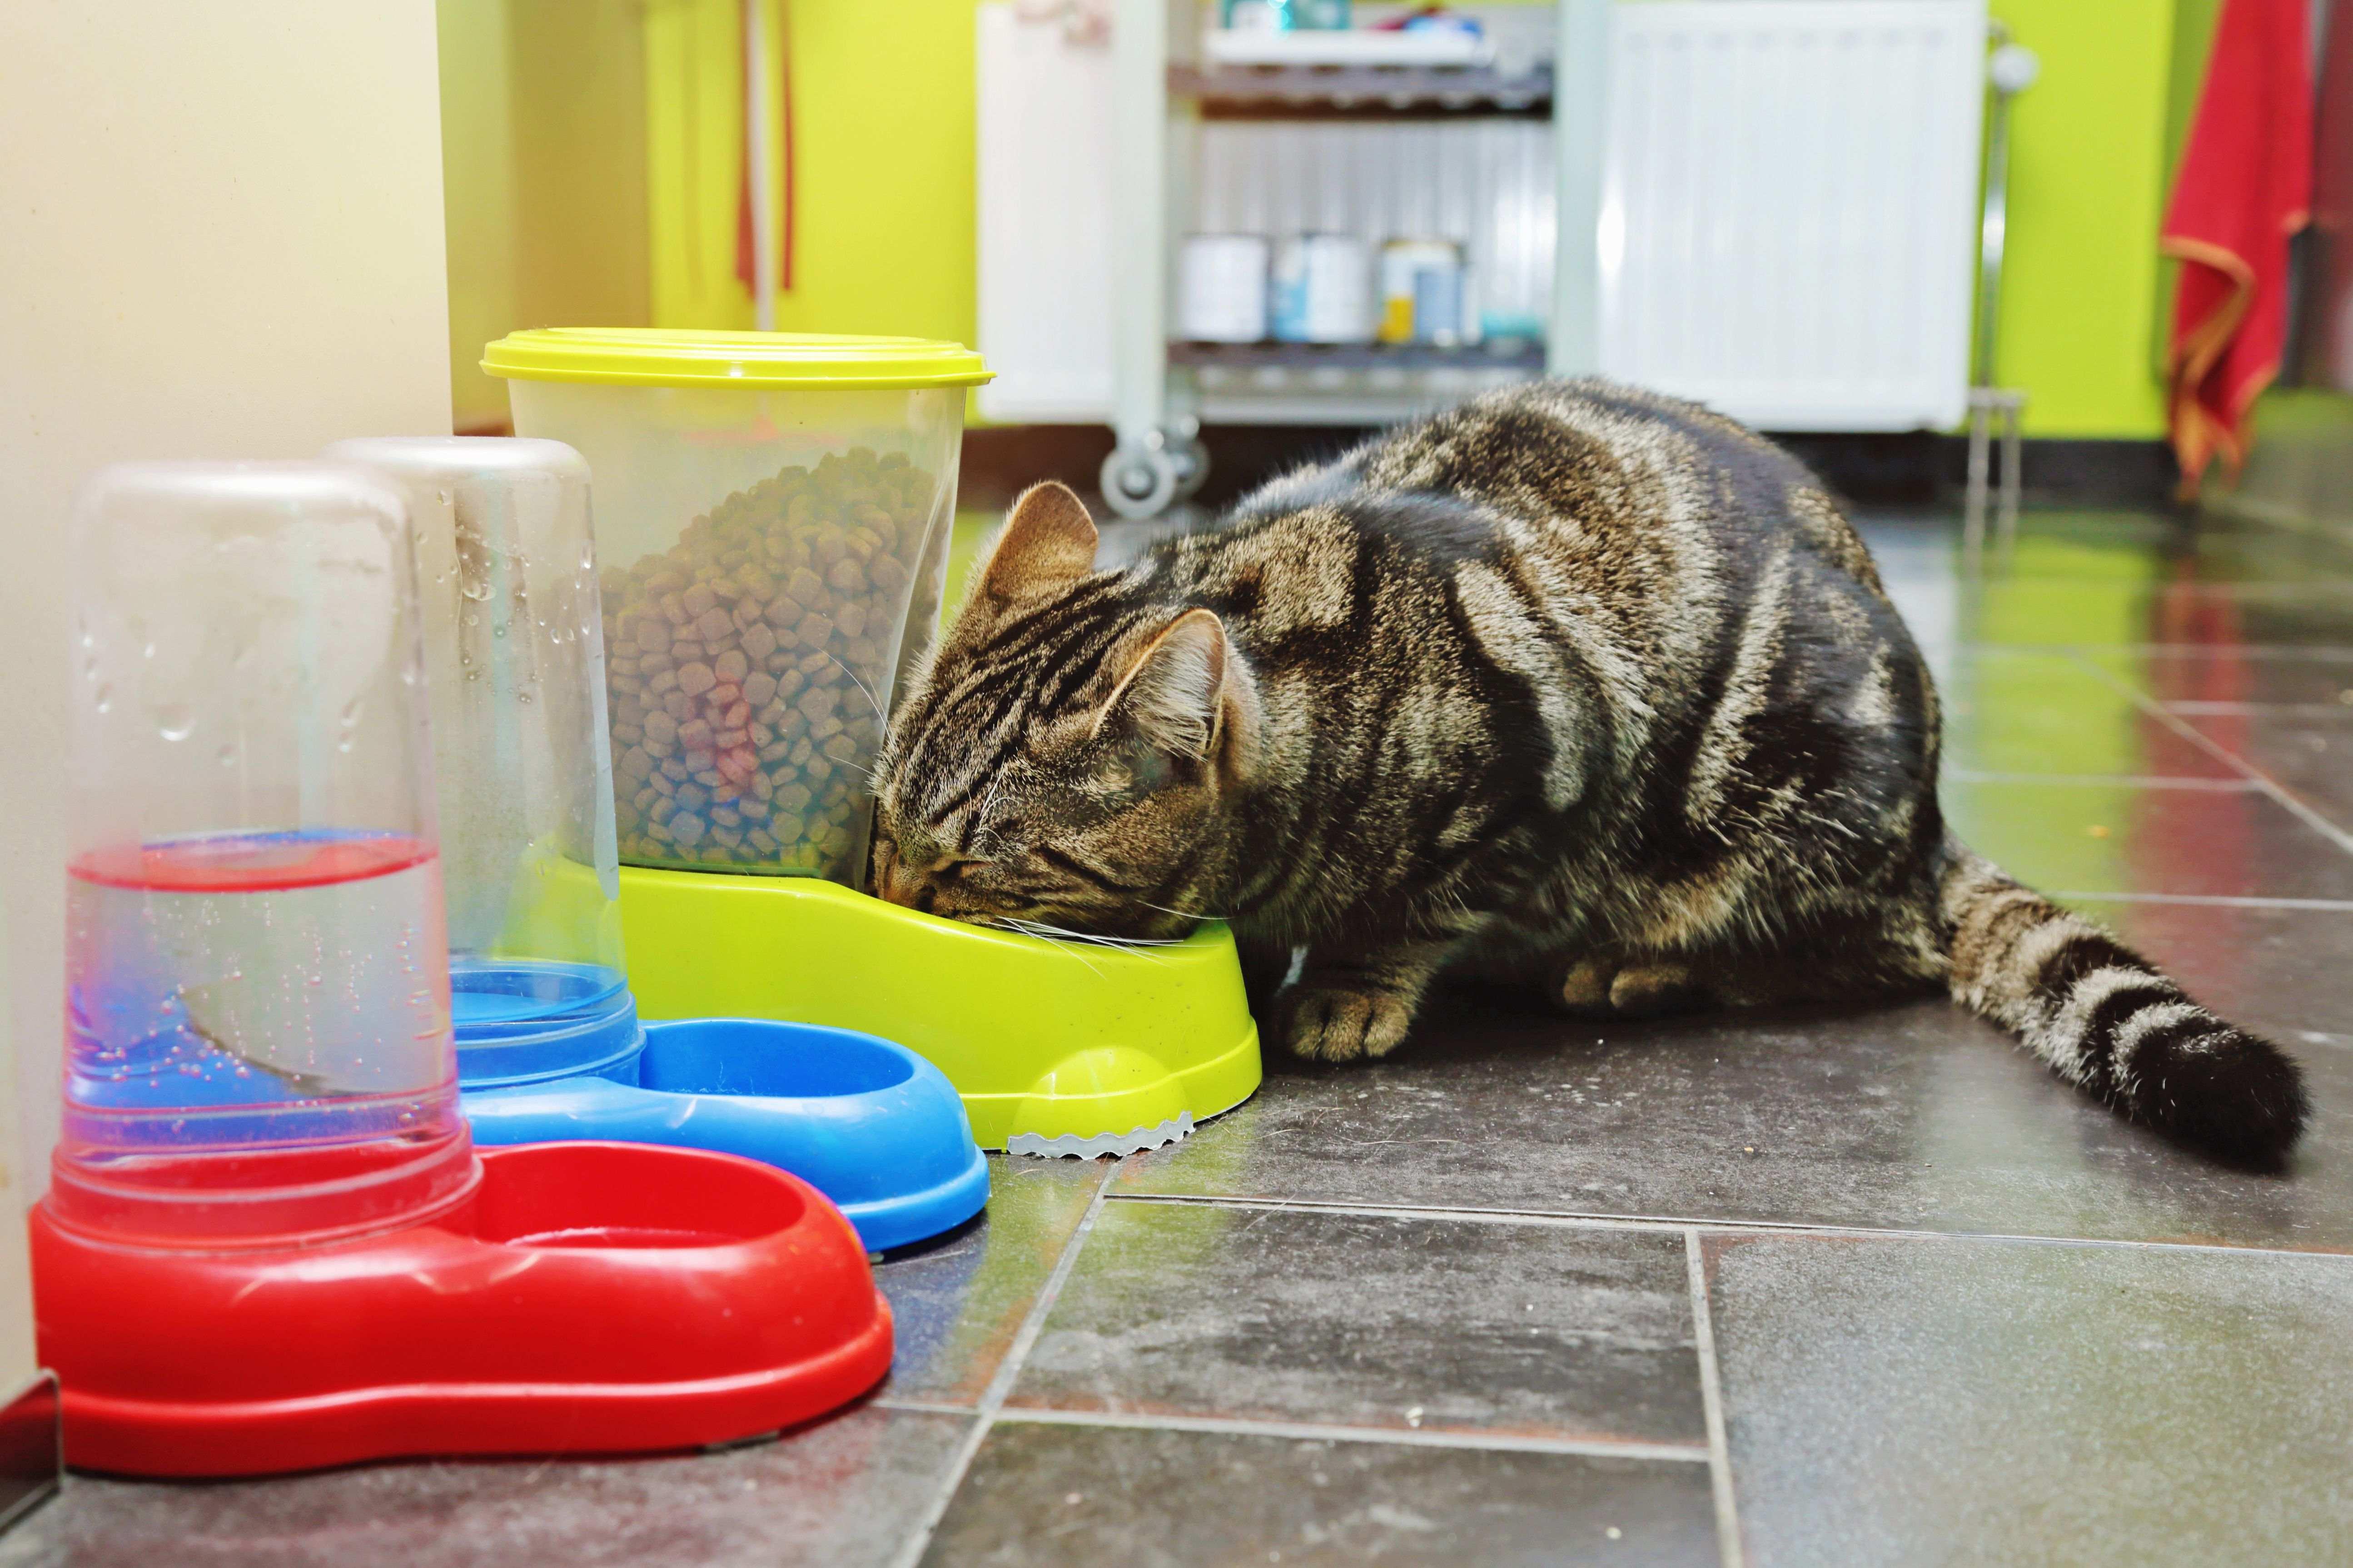 ¿Cómo elegir un comedero para gatos?